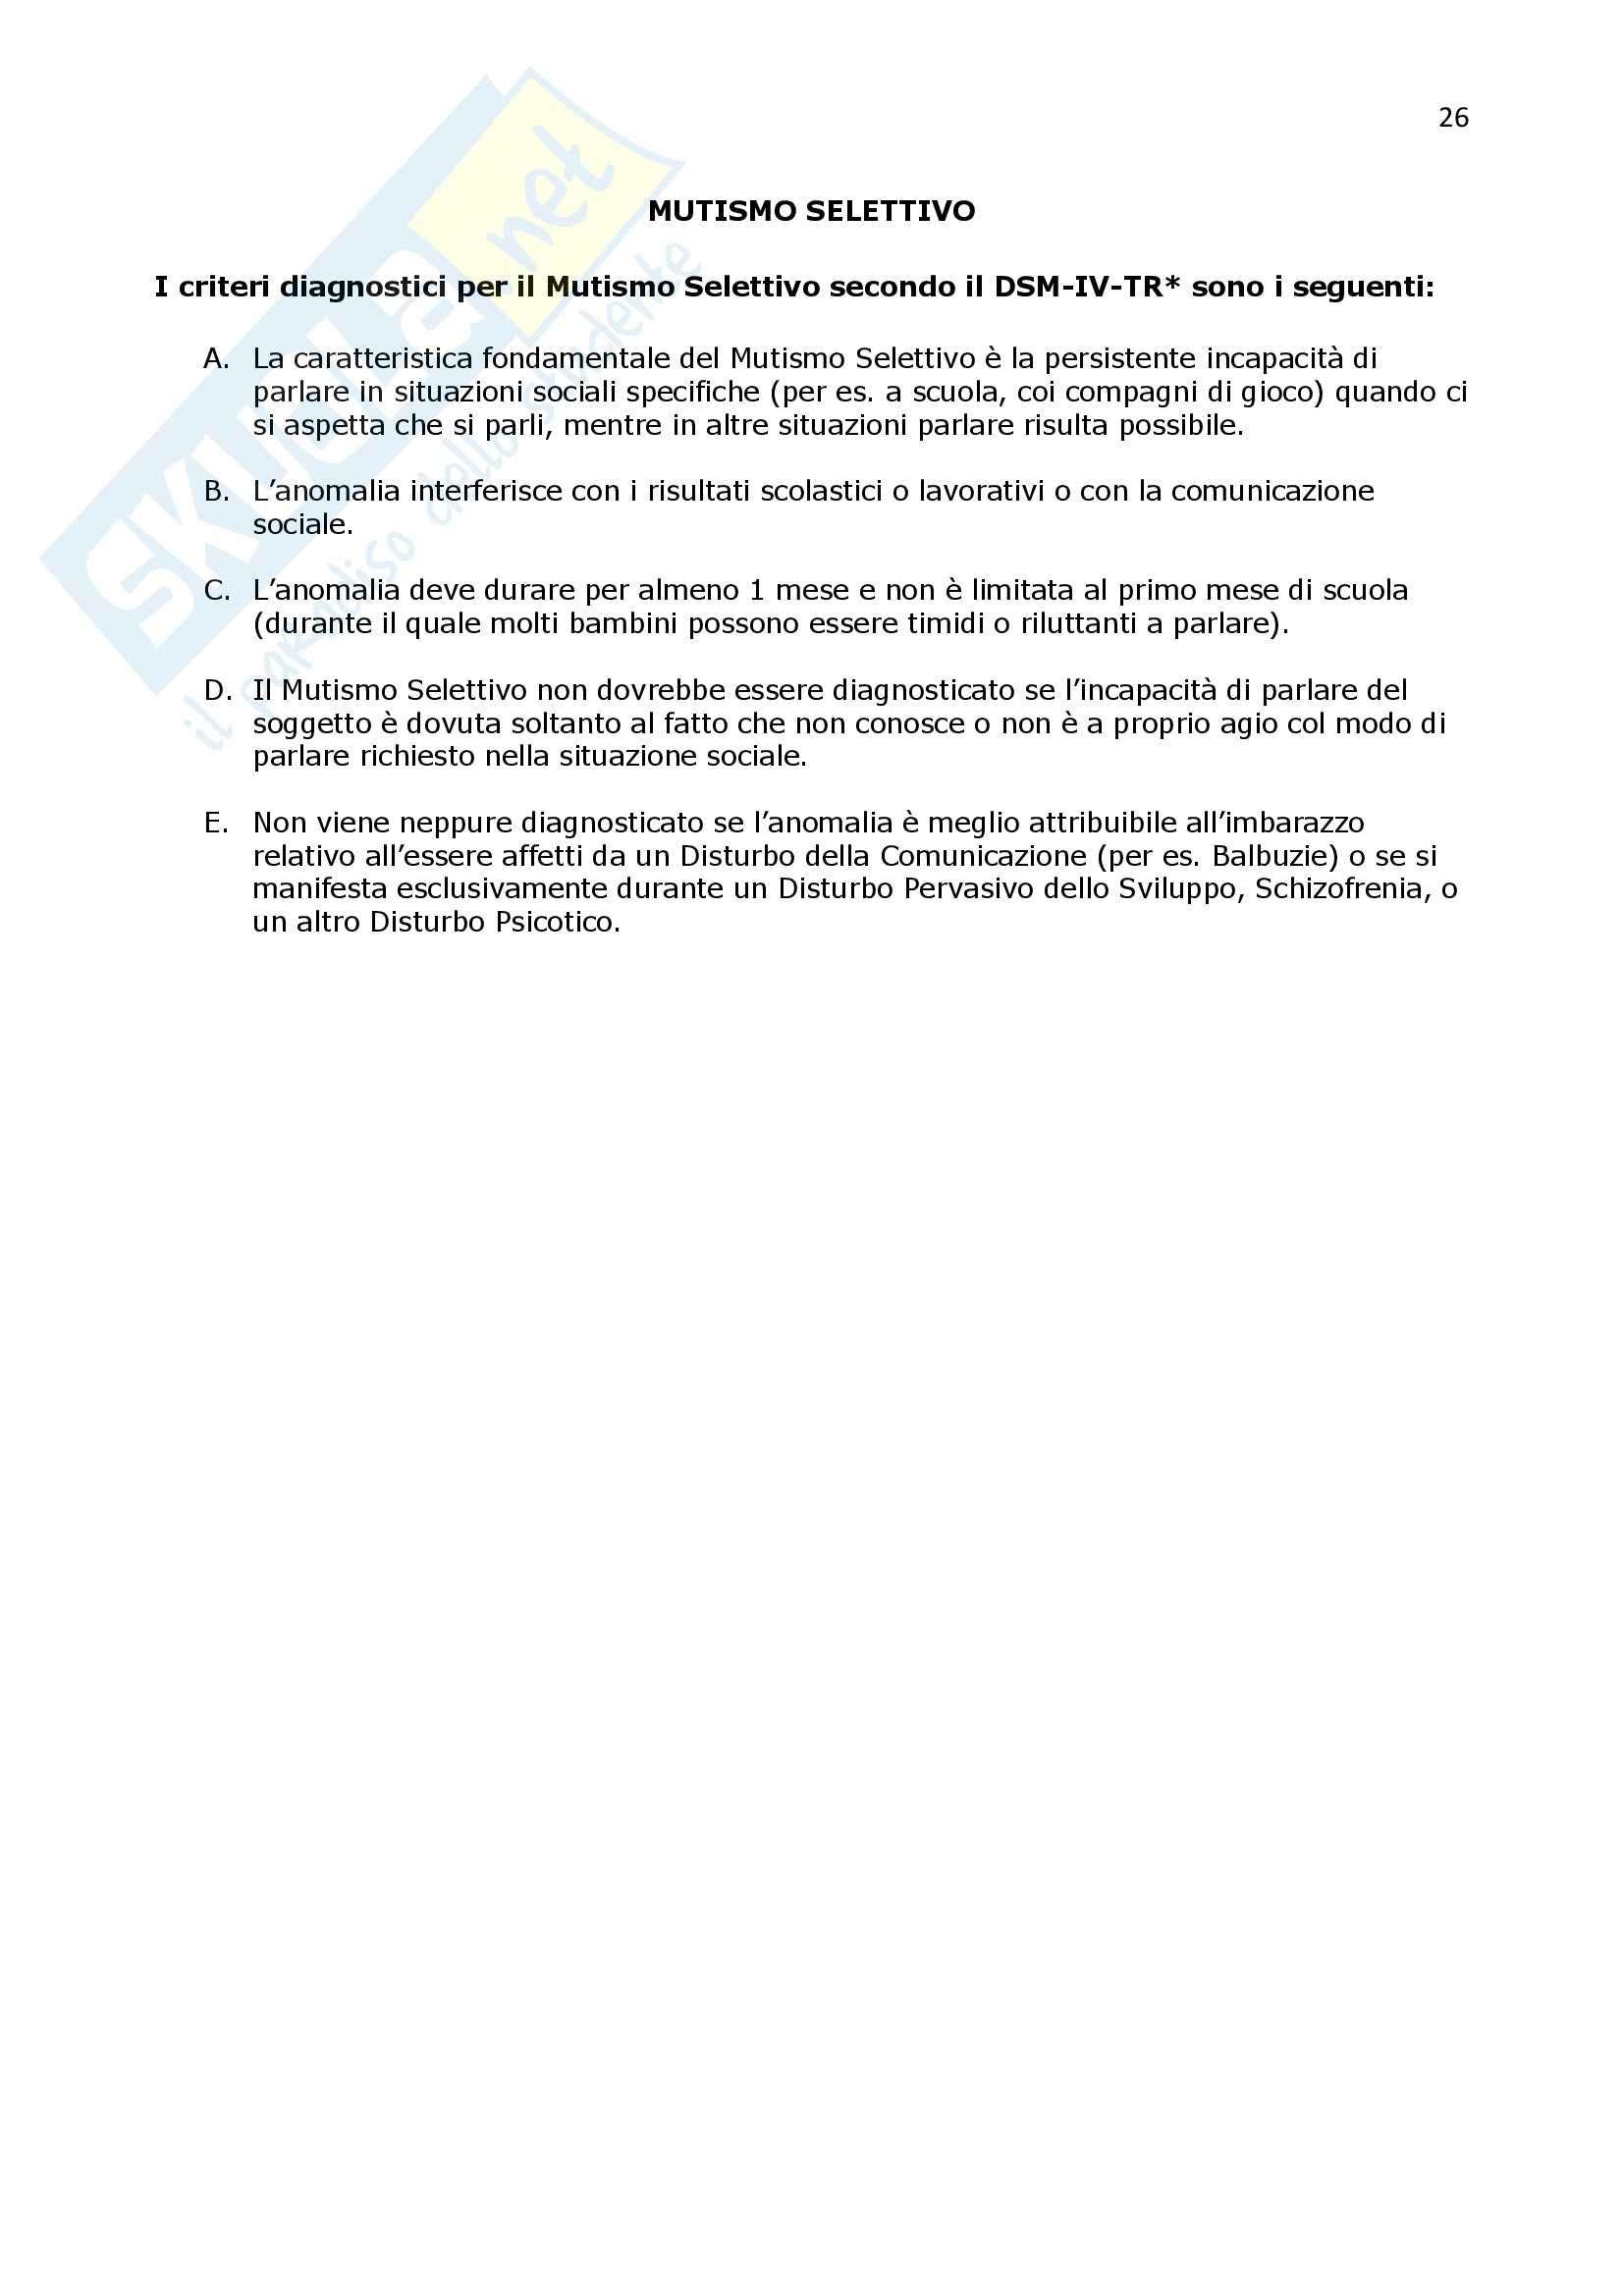 Psicologia clinica - Appunti Pag. 26